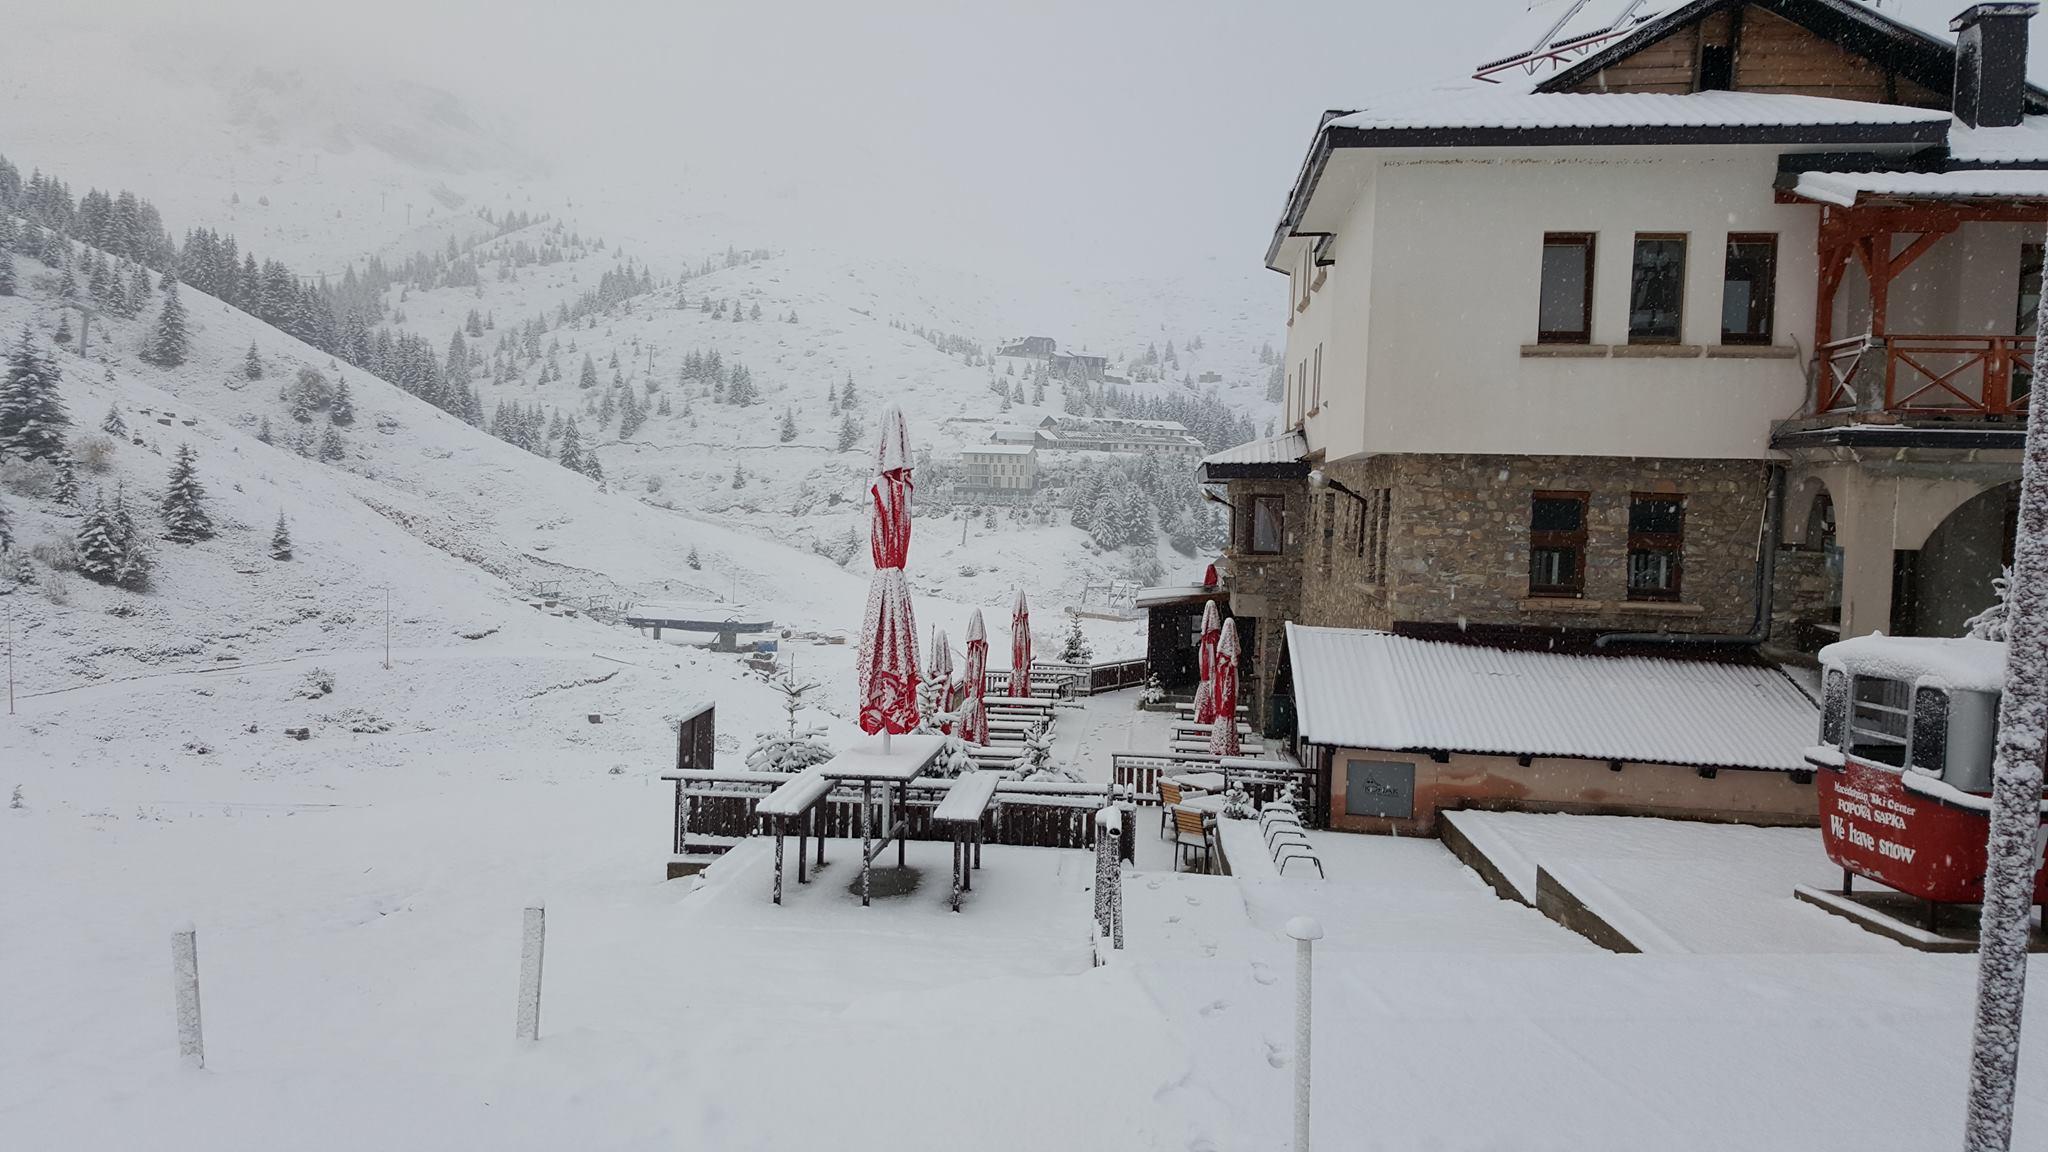 ШАПКА И МАВРОВО ЗАБЕЛЕА: Студениот бран донесе снег на планините во Македонија (ФОТО)